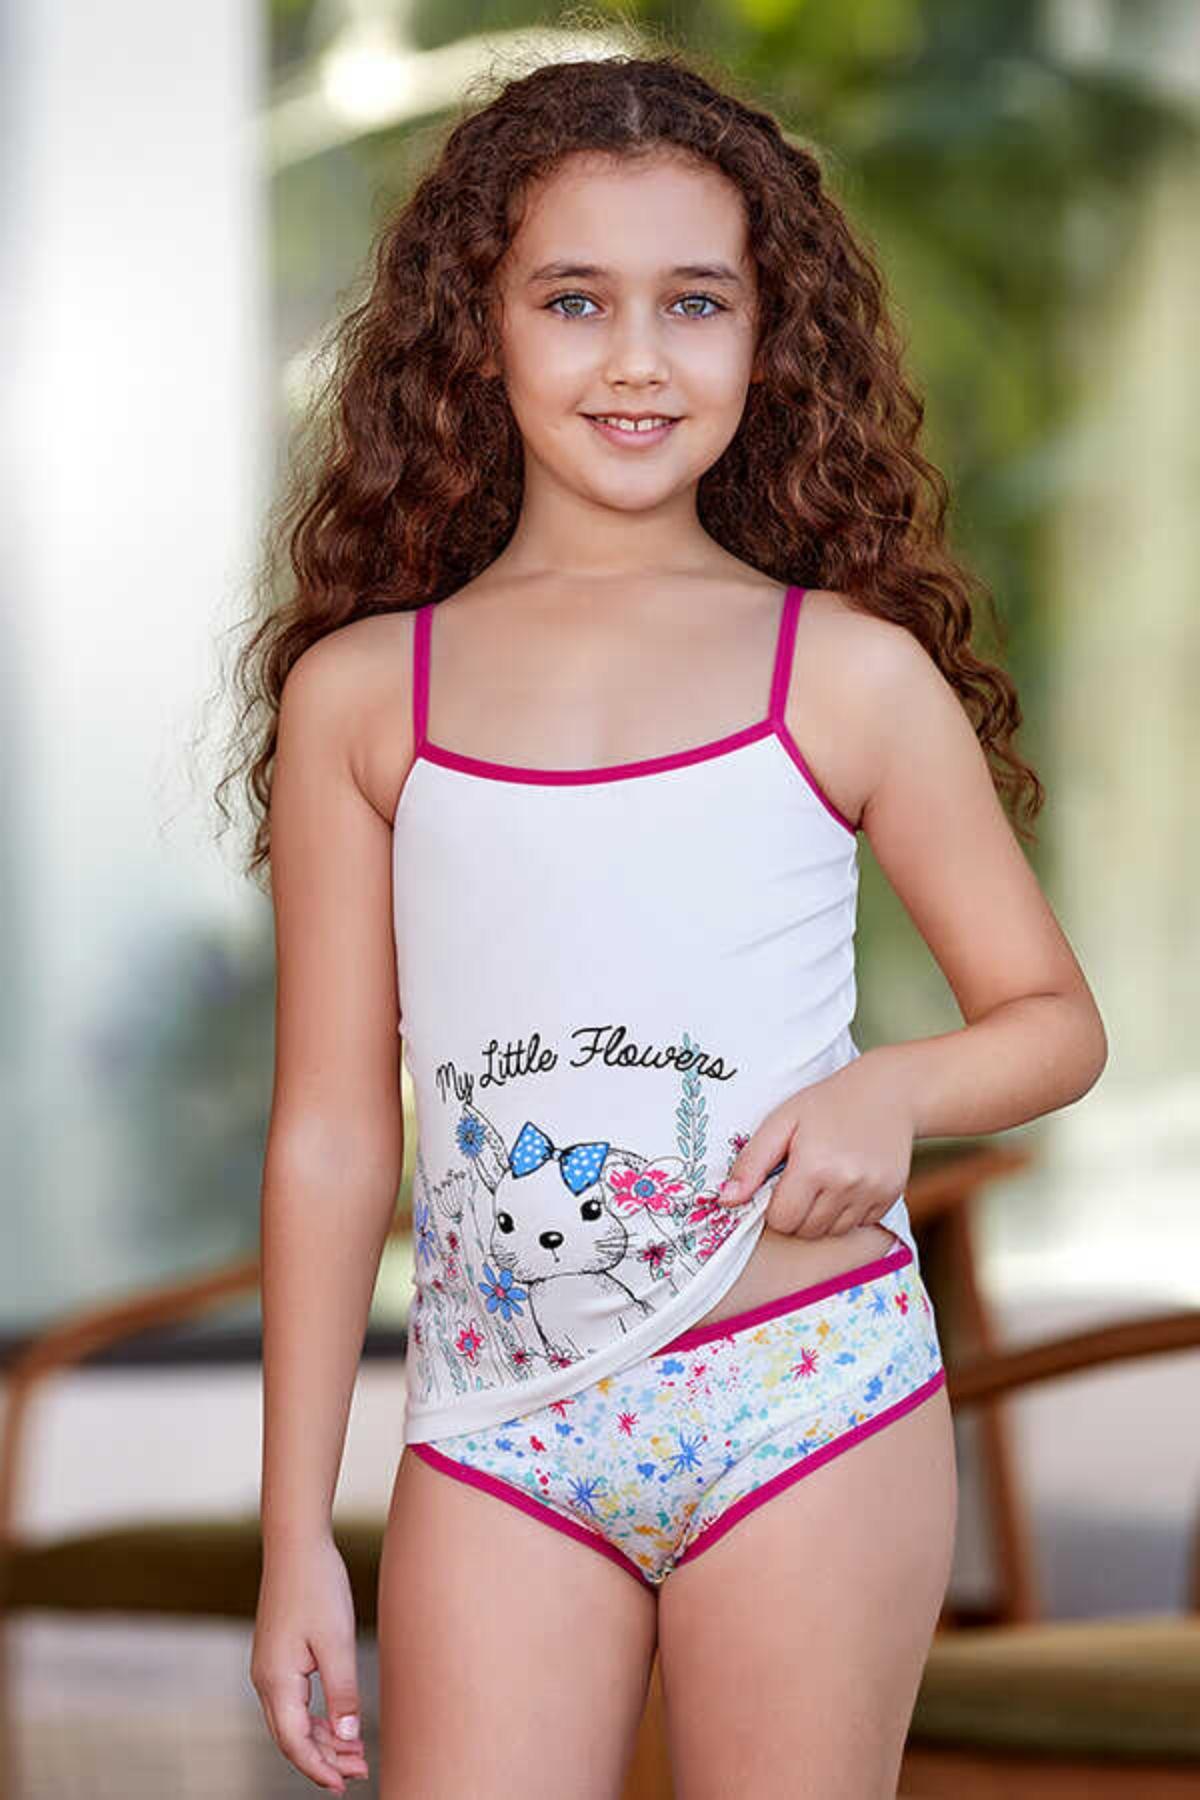 Berrak Kız Çocuk Atlet Külot Takım Princess Yazılı